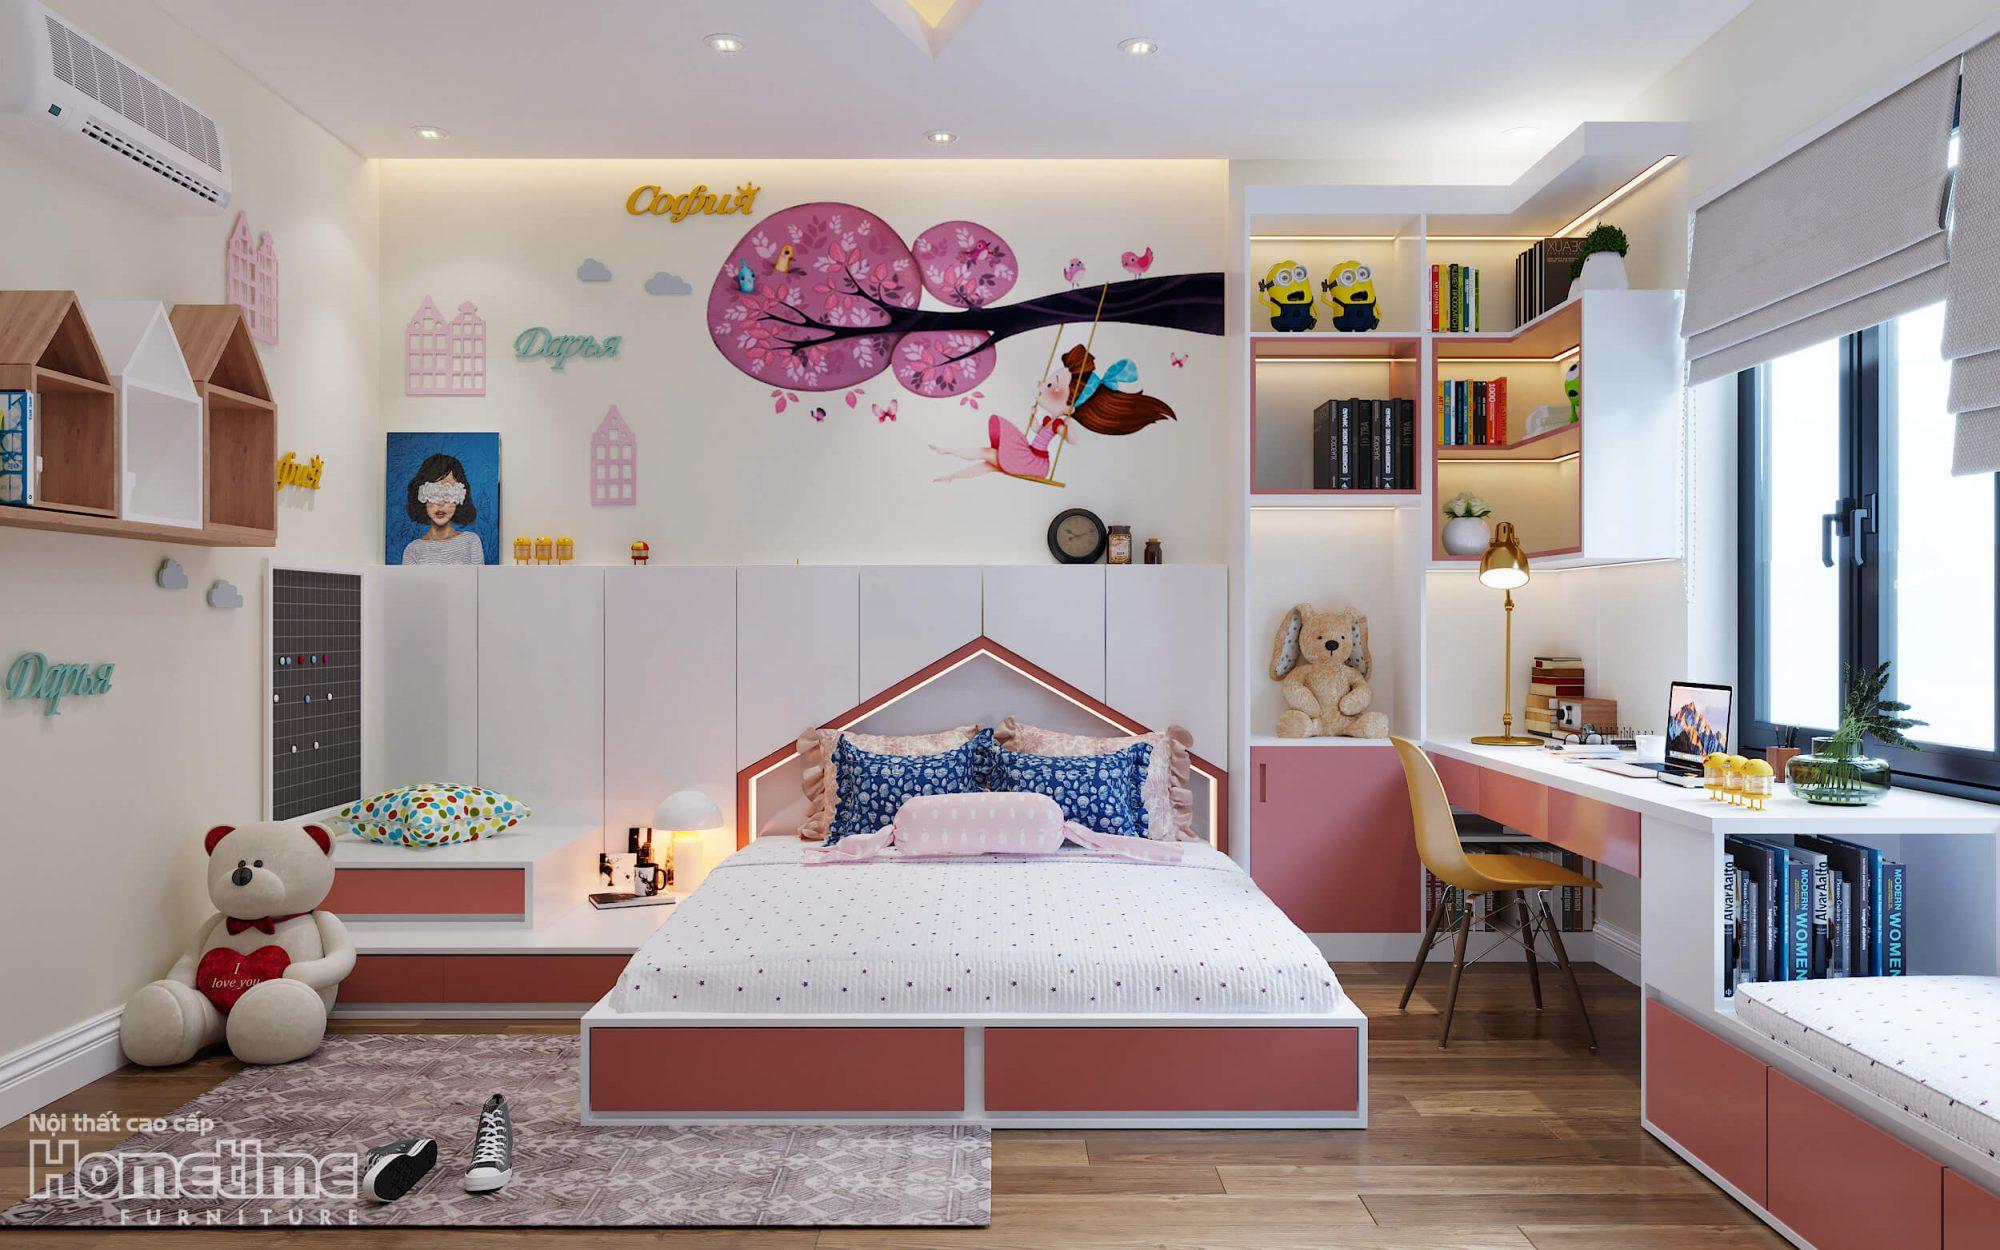 Thiết kế nội thất phòng ngủ bé gái hiện đại